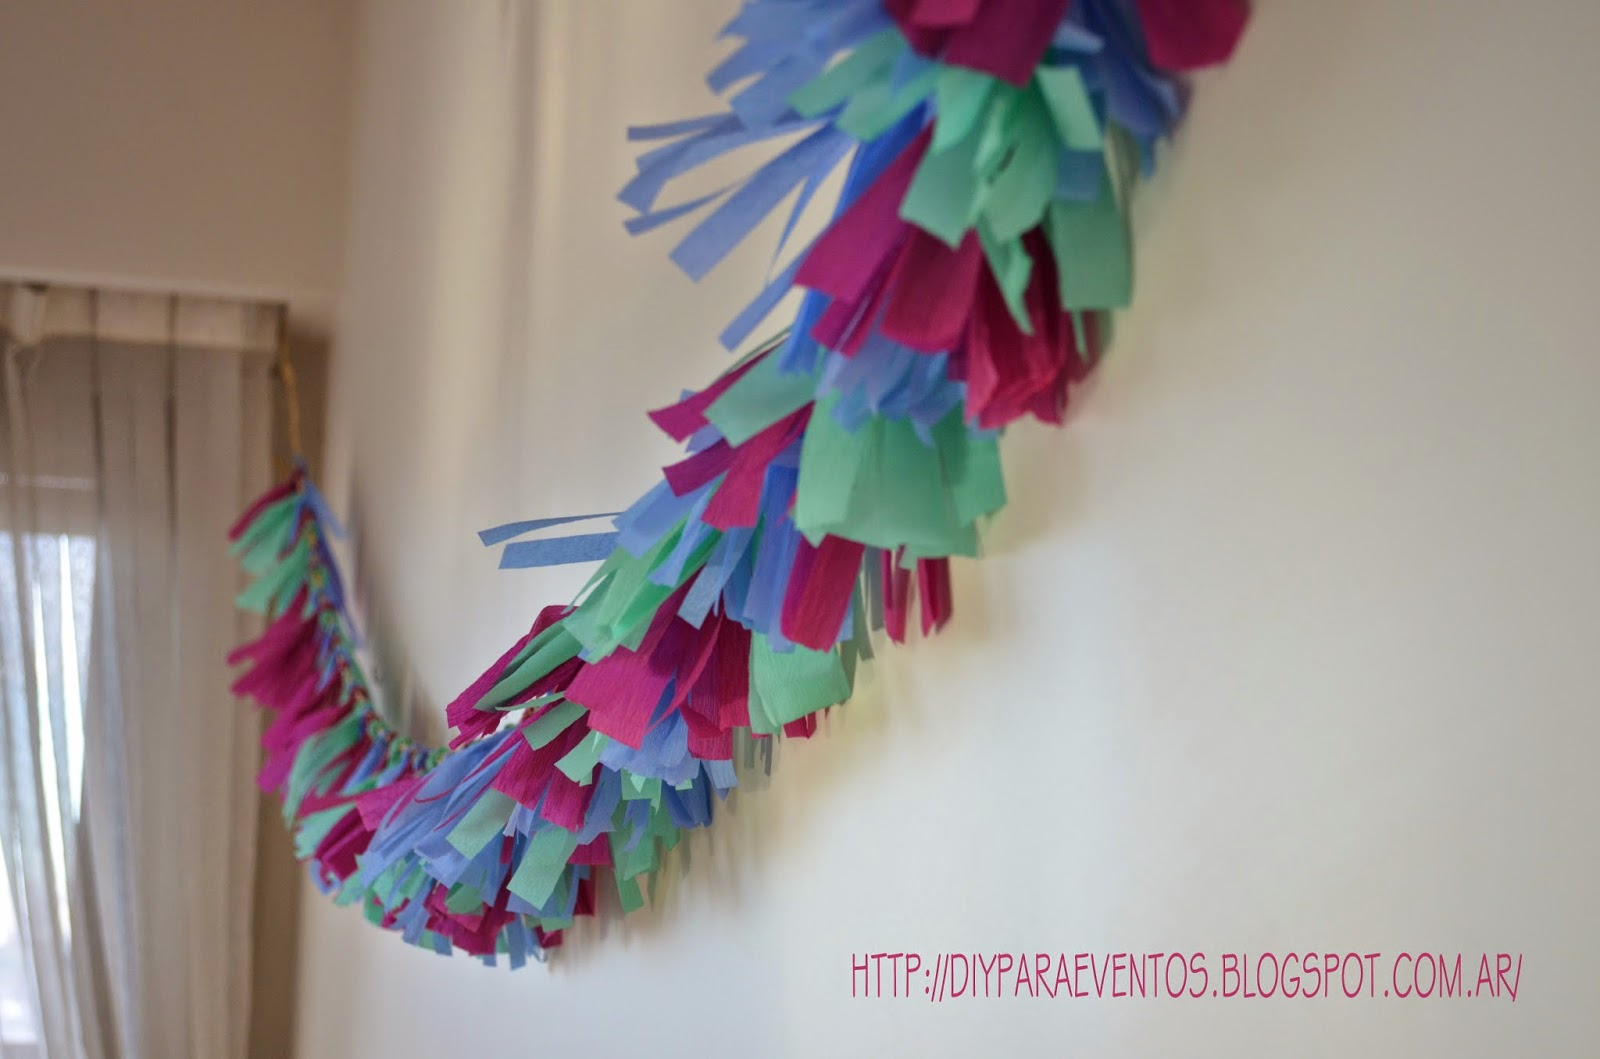 Souvenirs y decoraci n para ocasiones especiales - Adornos para pared ...